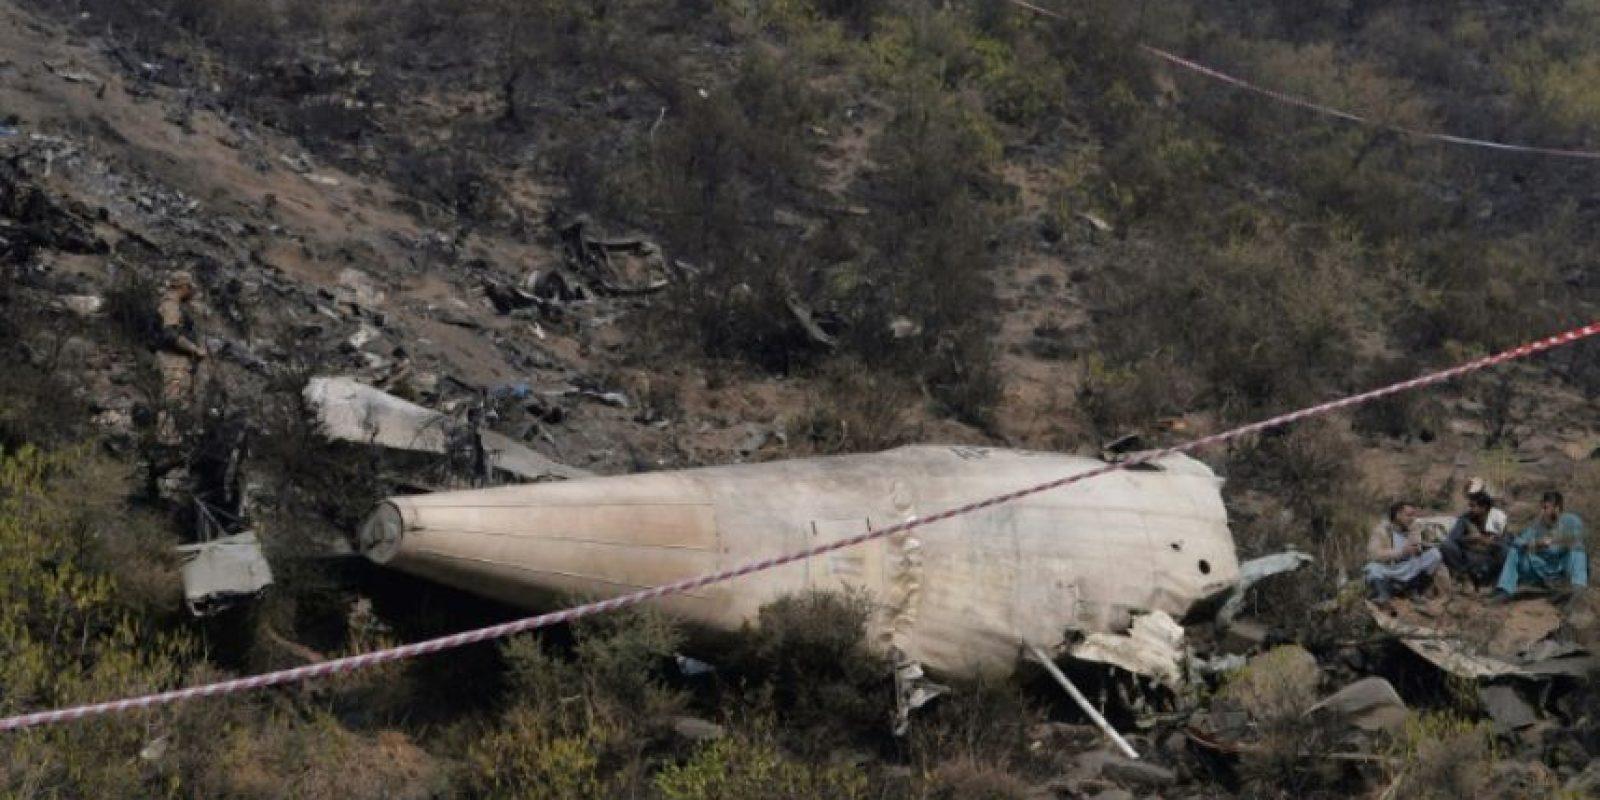 Unos hombres permanecen junto a los restos del avión siniestrado, este jueves 8 de diciembre cerca del pueblo de Saddha Batolni, al norte de Pakistán Foto:Aamir Qureshi/afp.com